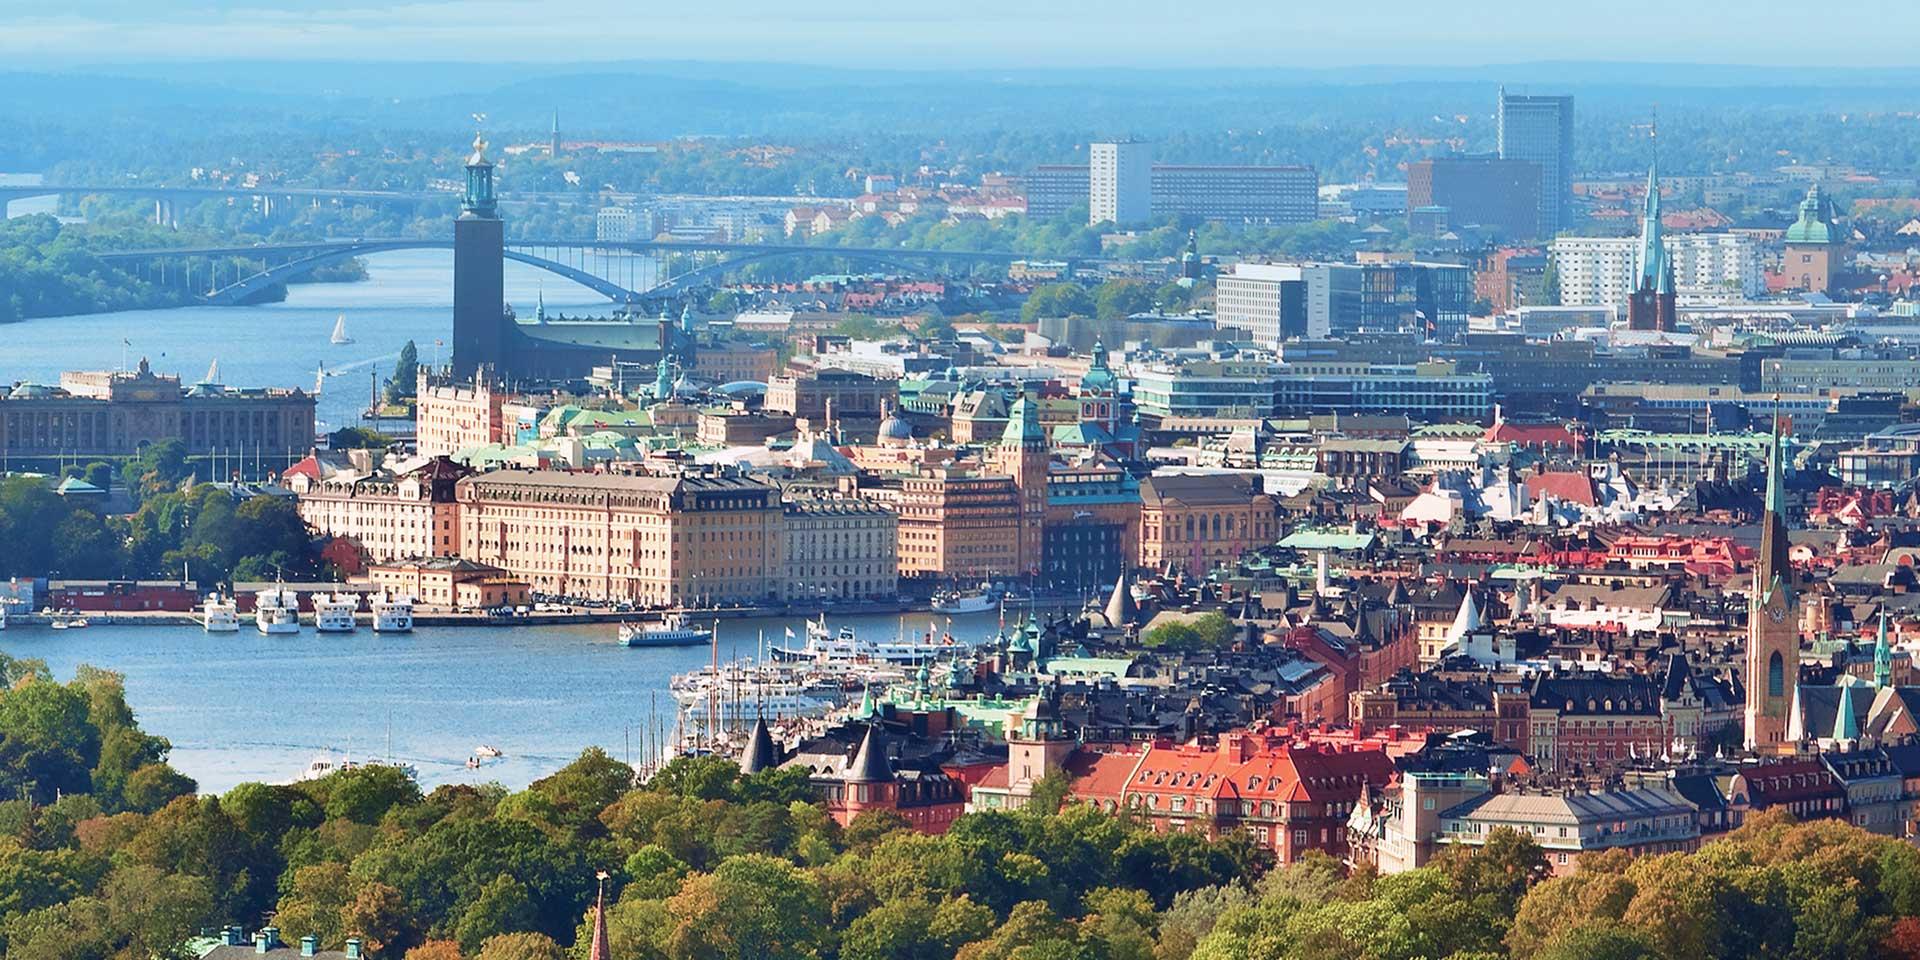 Stockholm White & Case